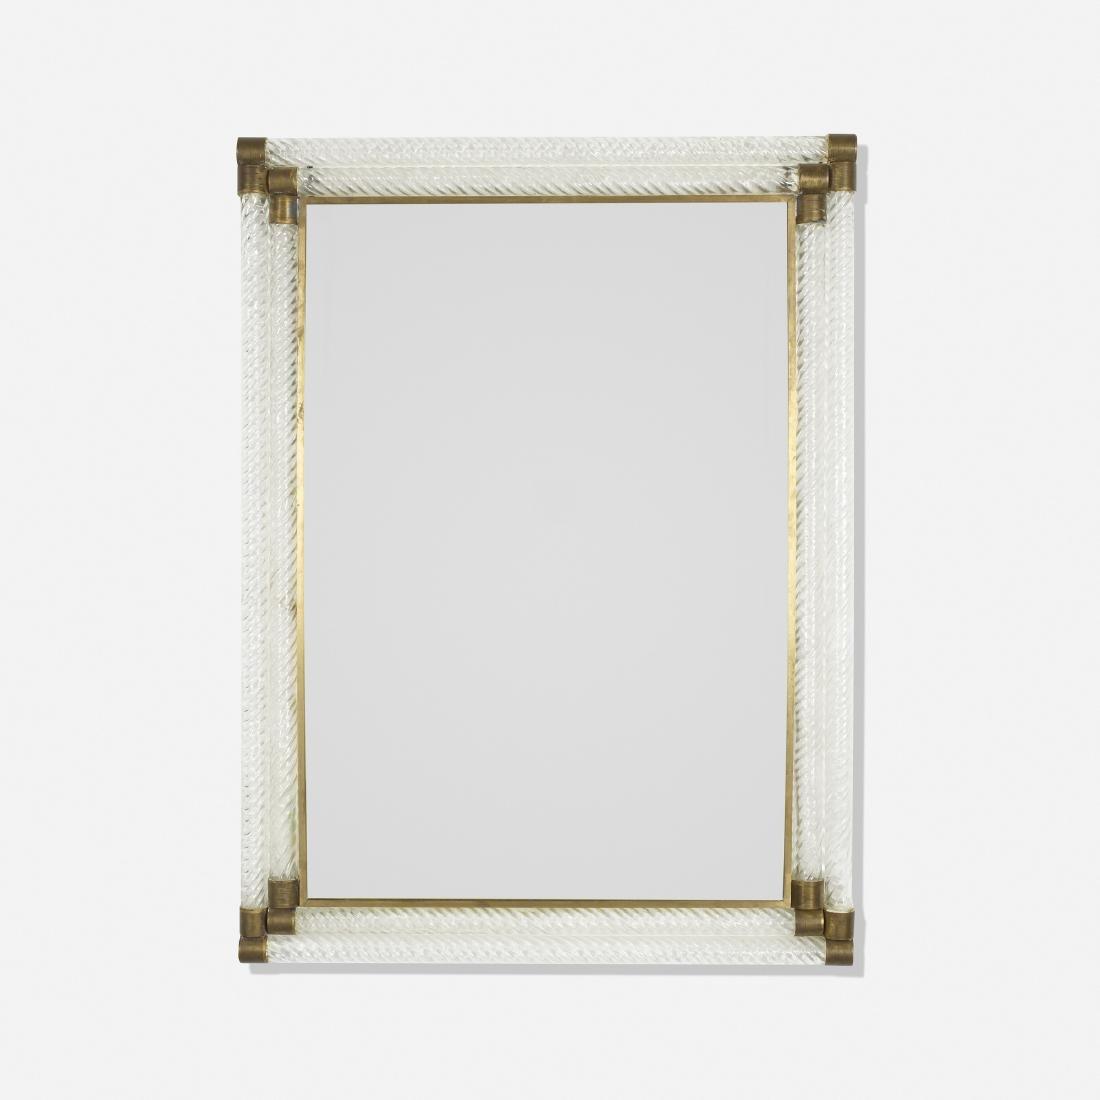 Italian, mirror